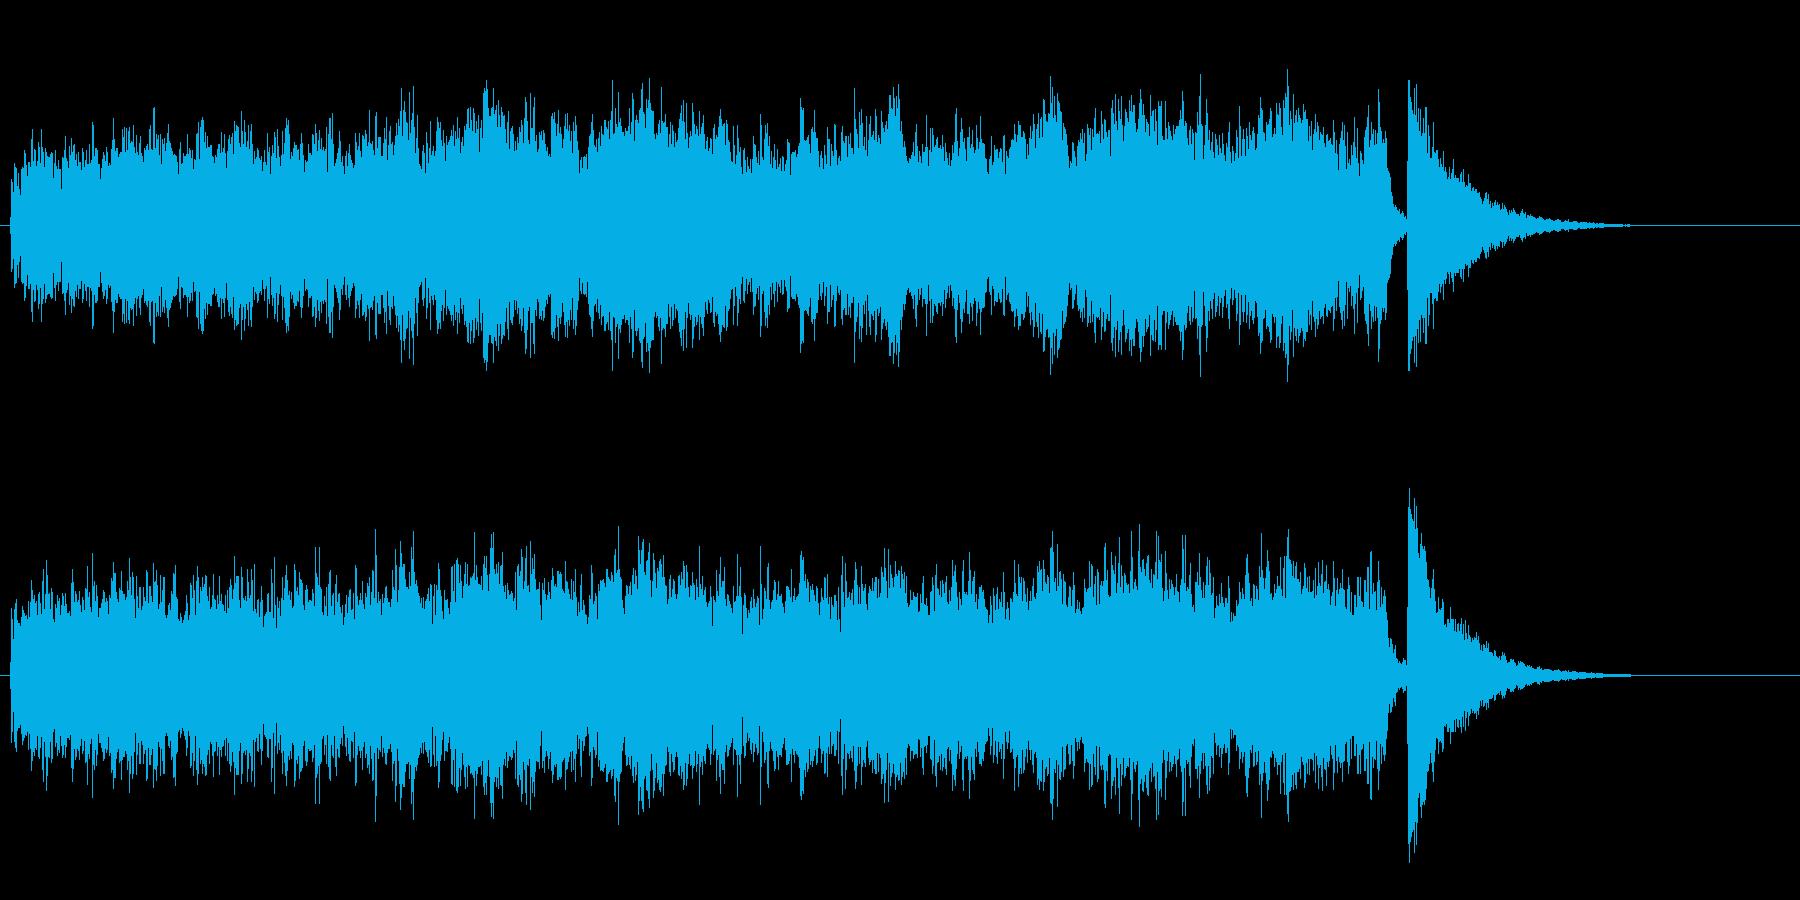 サイエンス・フィクション風環境音楽の再生済みの波形